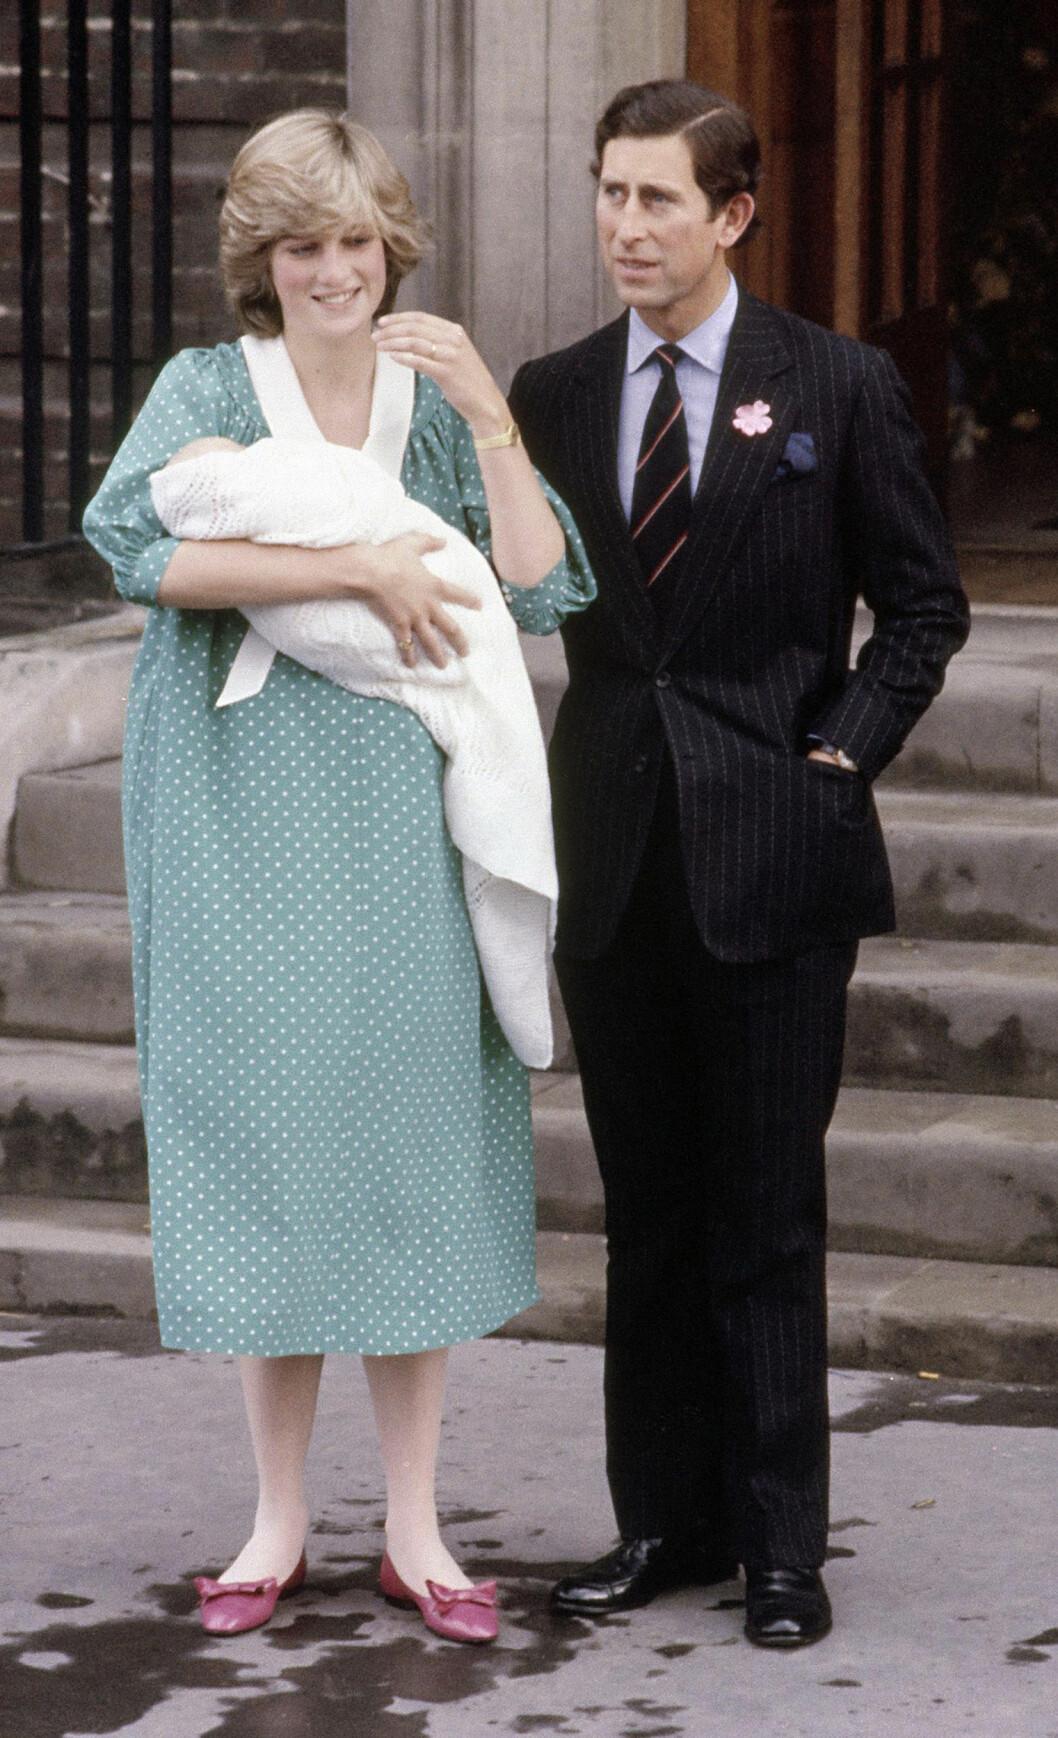 DENGANG DA: Prins Charles og prinsesse Diana fotografert utenfor sykehuset St. Marys i juni 1982, sammen med en nyfødt utgave av prins William. Foto: Ap